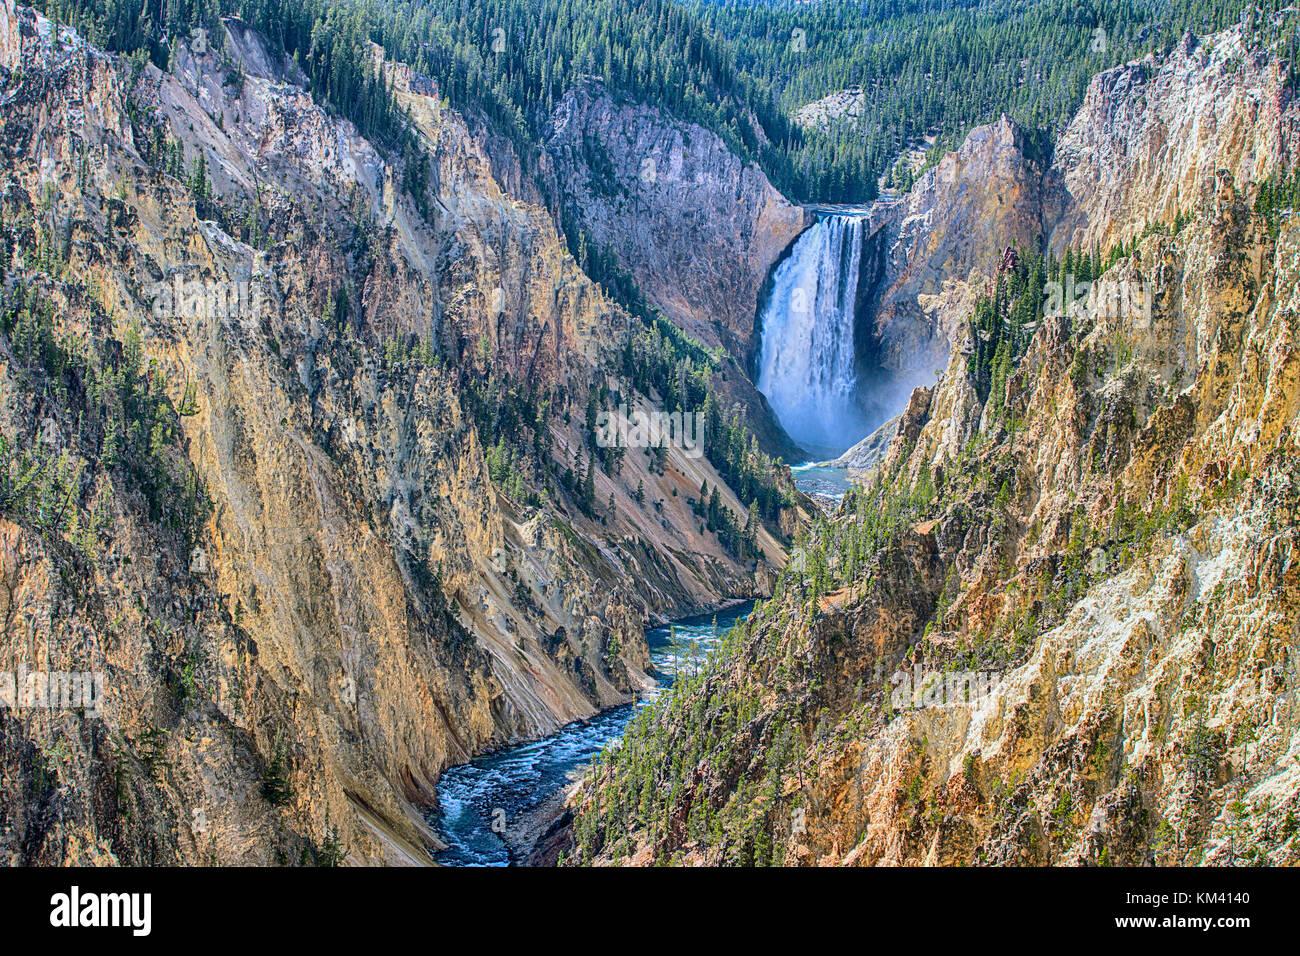 Yellowstone canyon sur la rivière Yellowstone vu de l'artiste 'point', Wyoming, USA Photo Stock